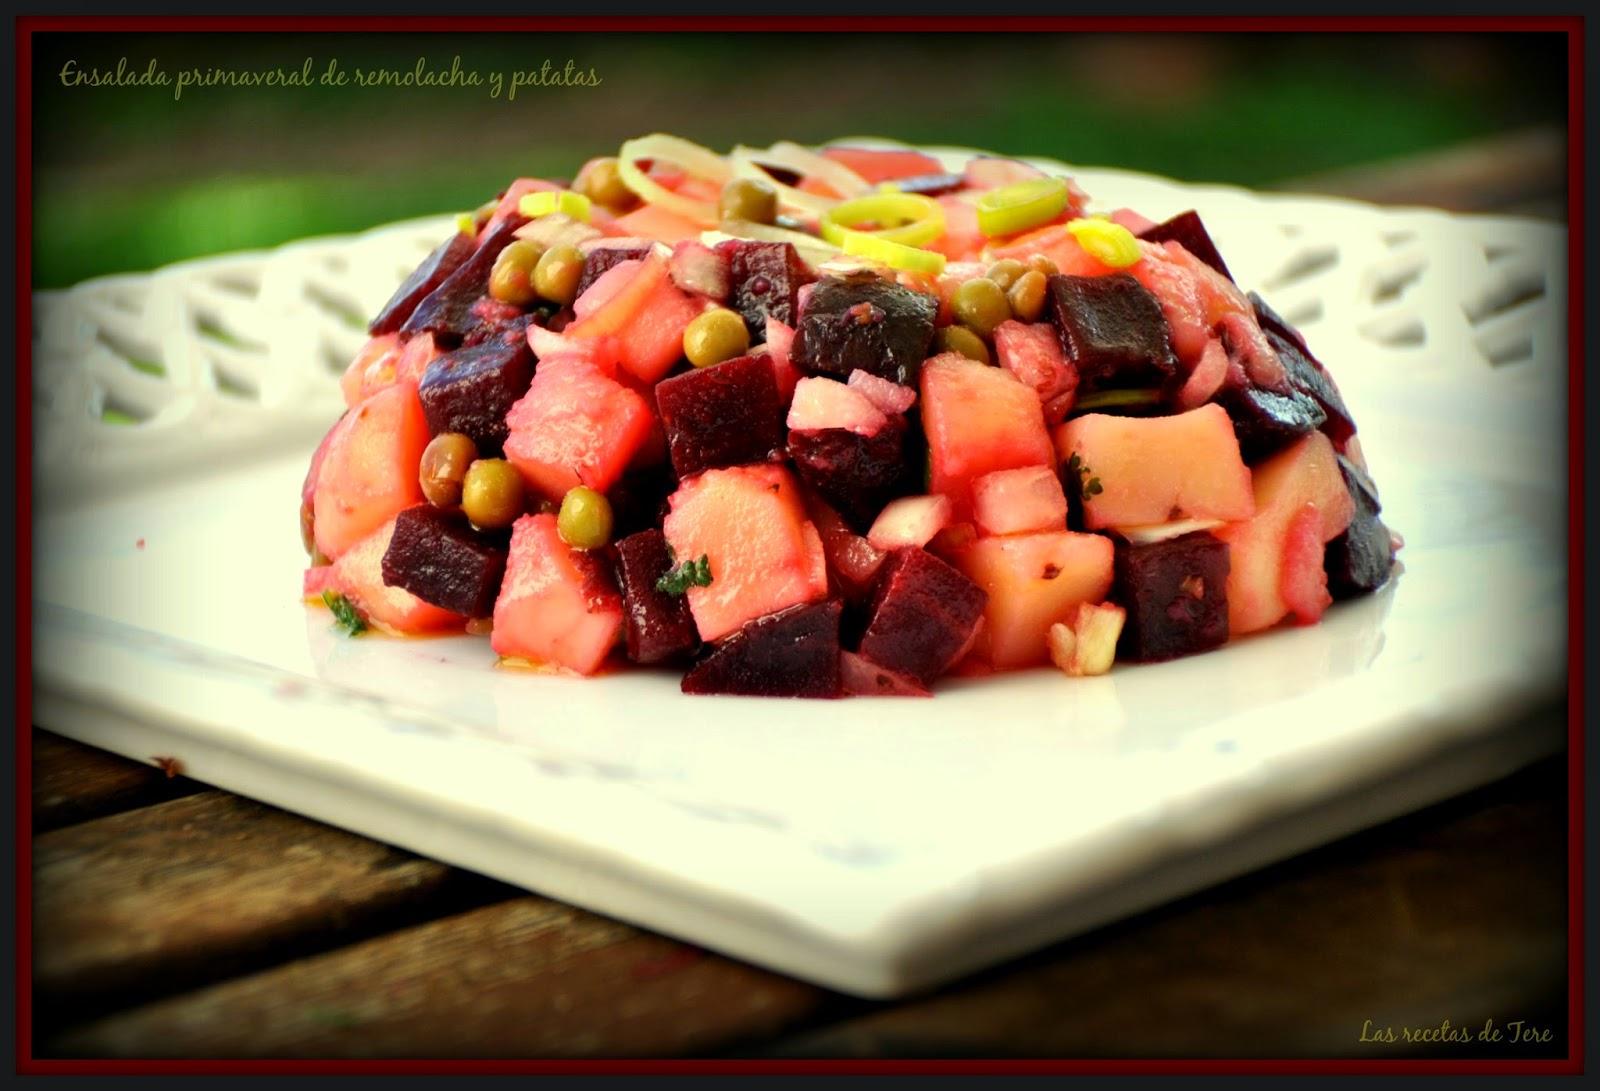 ensalada primaveral de remolacha y patatas 01